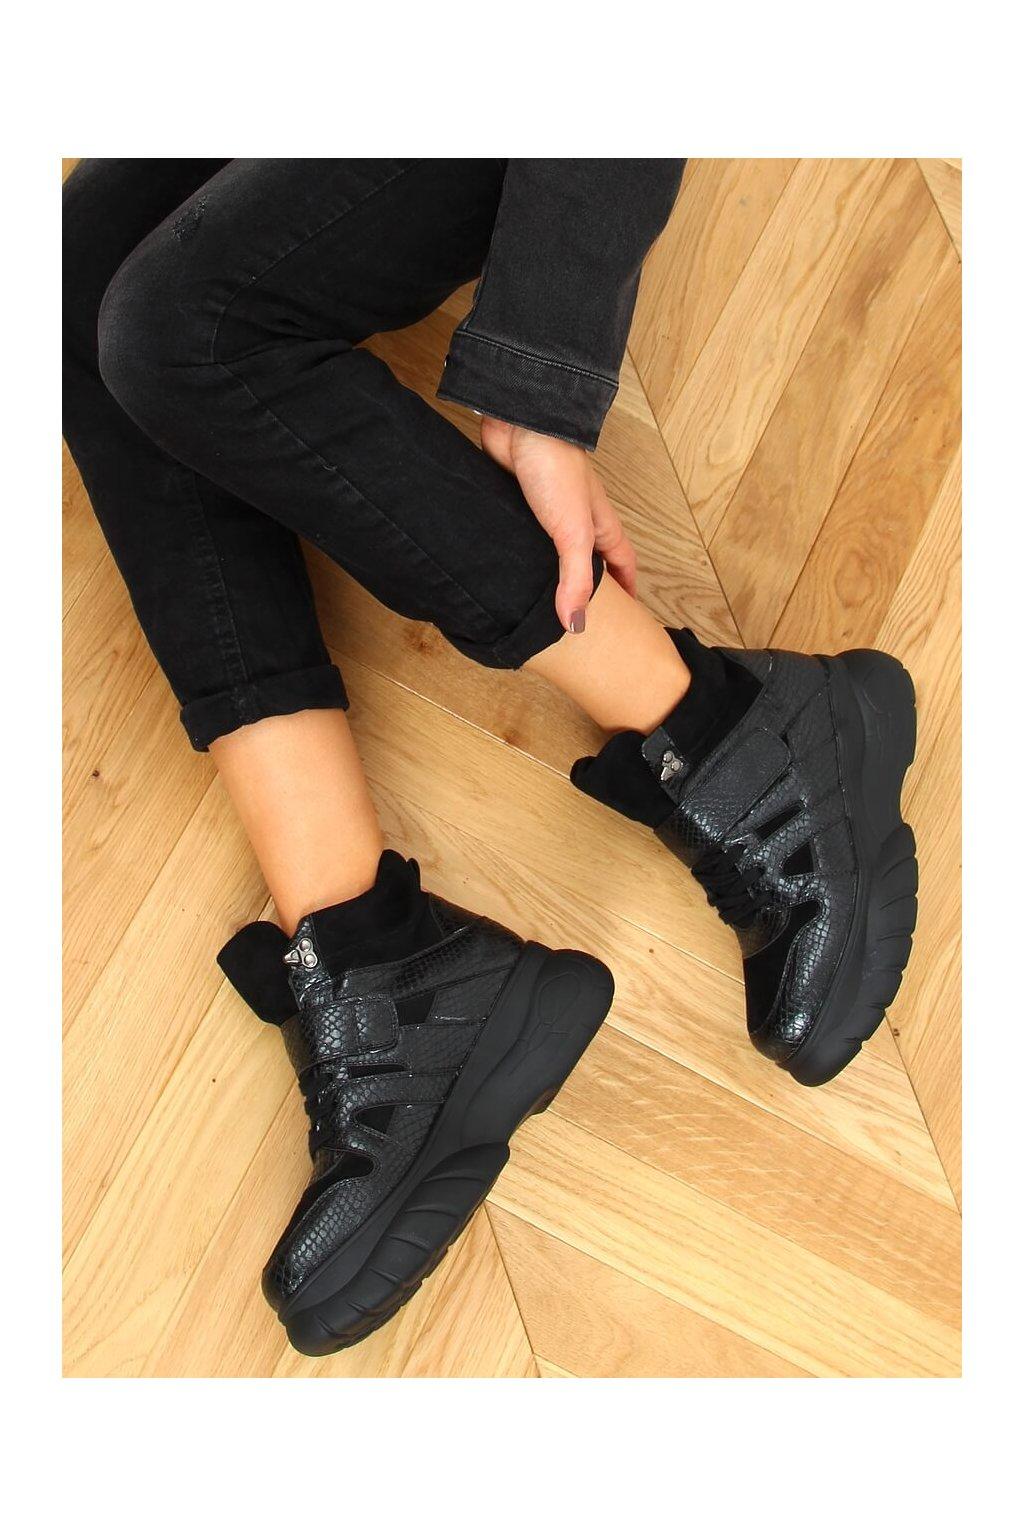 Dámske členkové topánky čierne na plochom podpätku KL-771